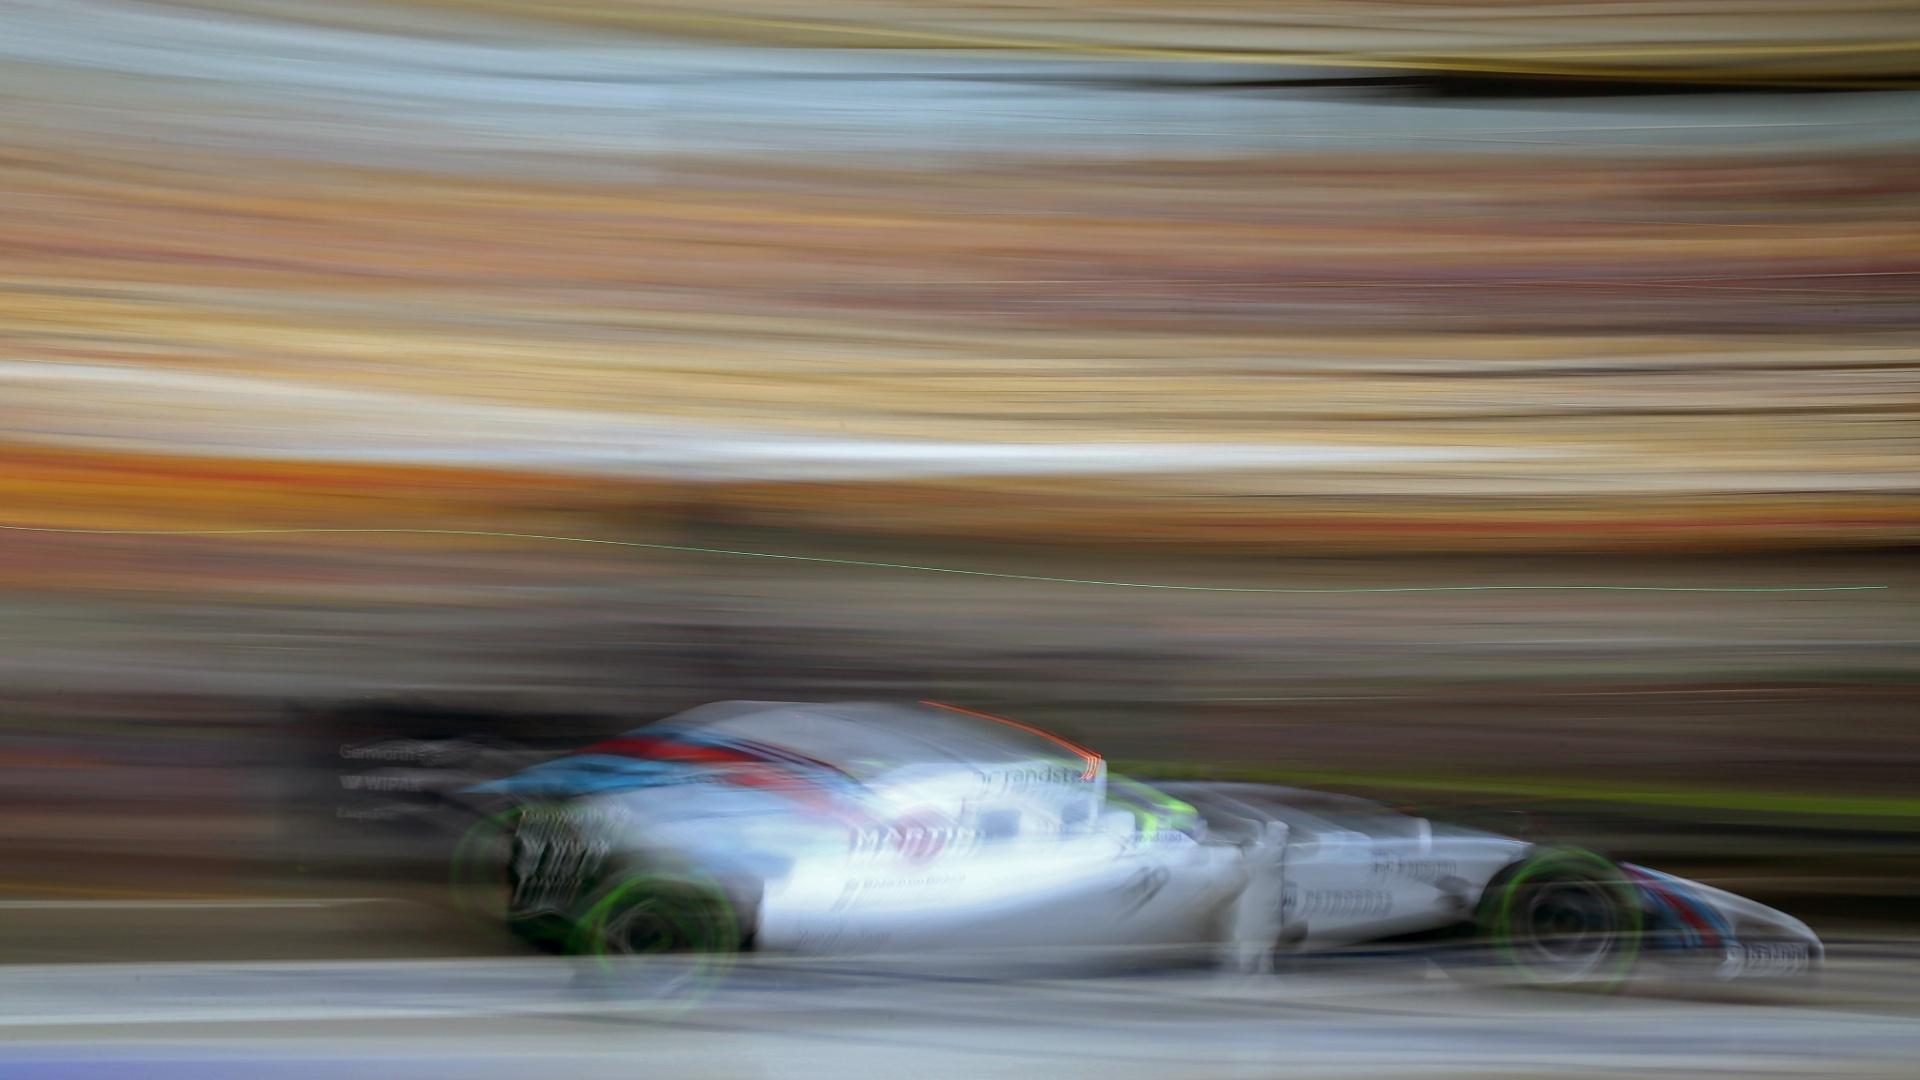 19.abr.2014 - Felipe Massa teve um bom desempenho no treino de classificação para o GP da China e larga em sexto, logo à frente de Valtteri Bottas, seu companheiro na Williams